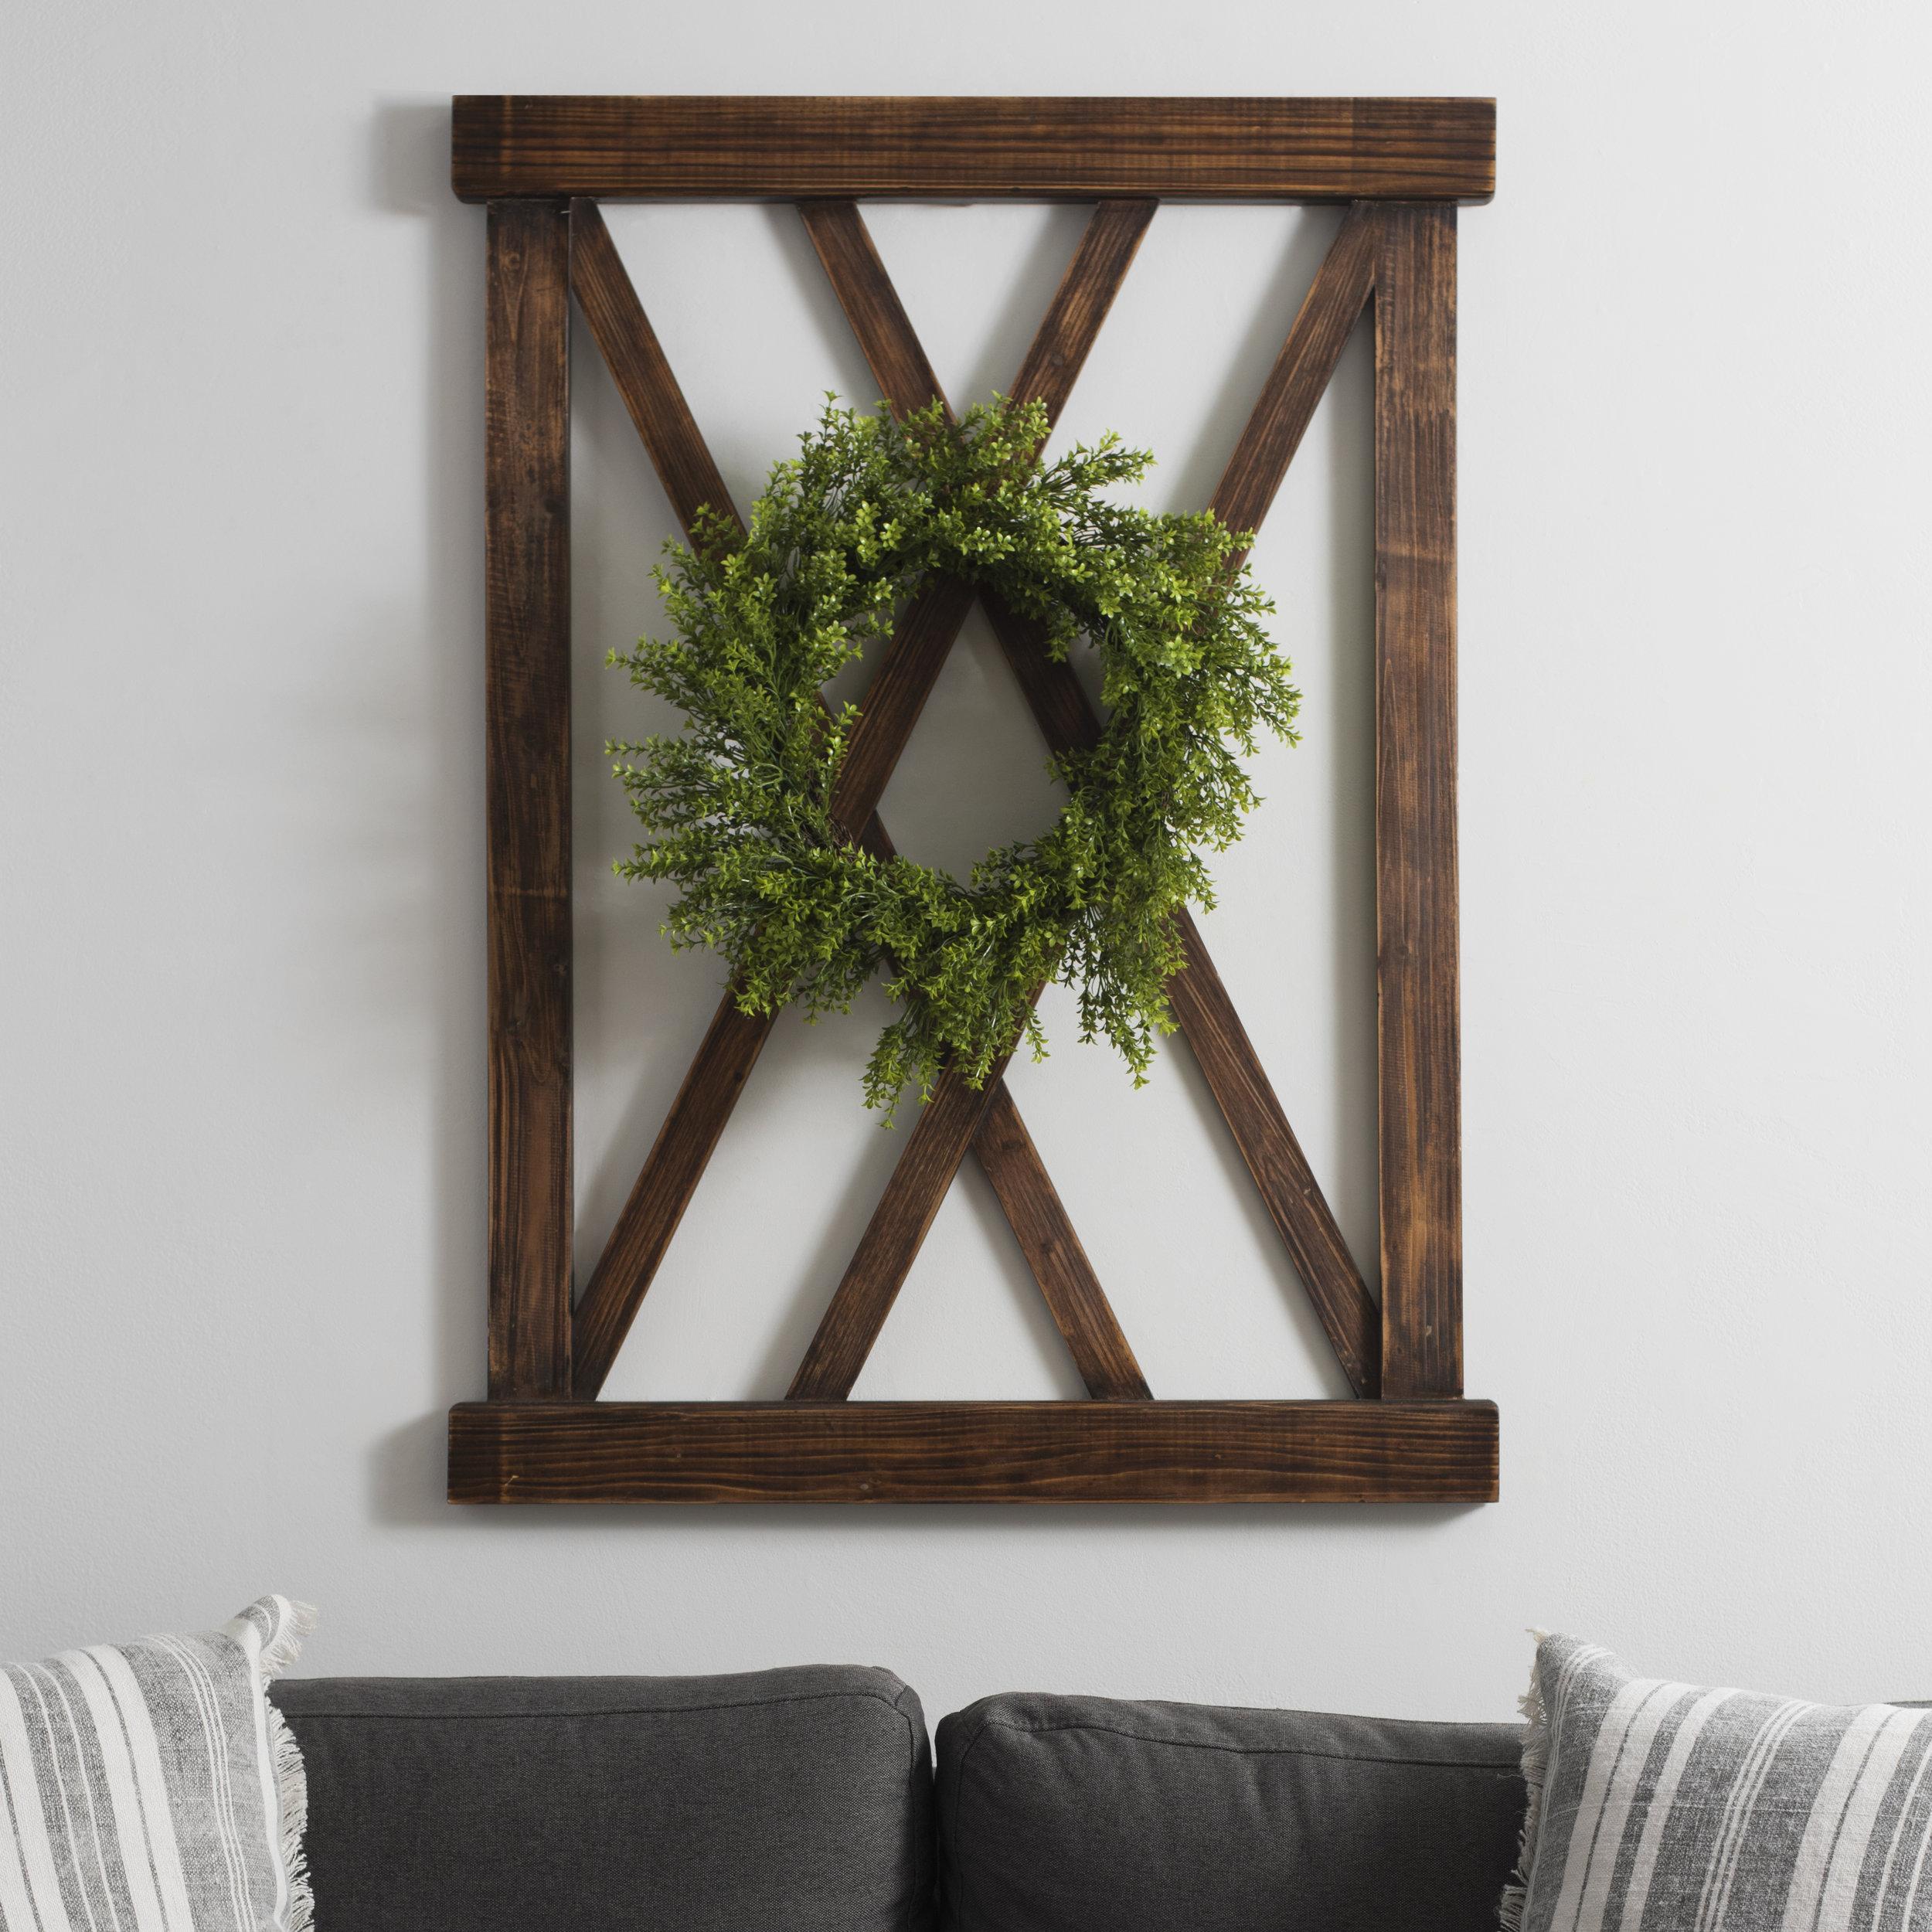 Kirkland's - Dark Walnut X-Frame Wood Wall Plaque with Wreath